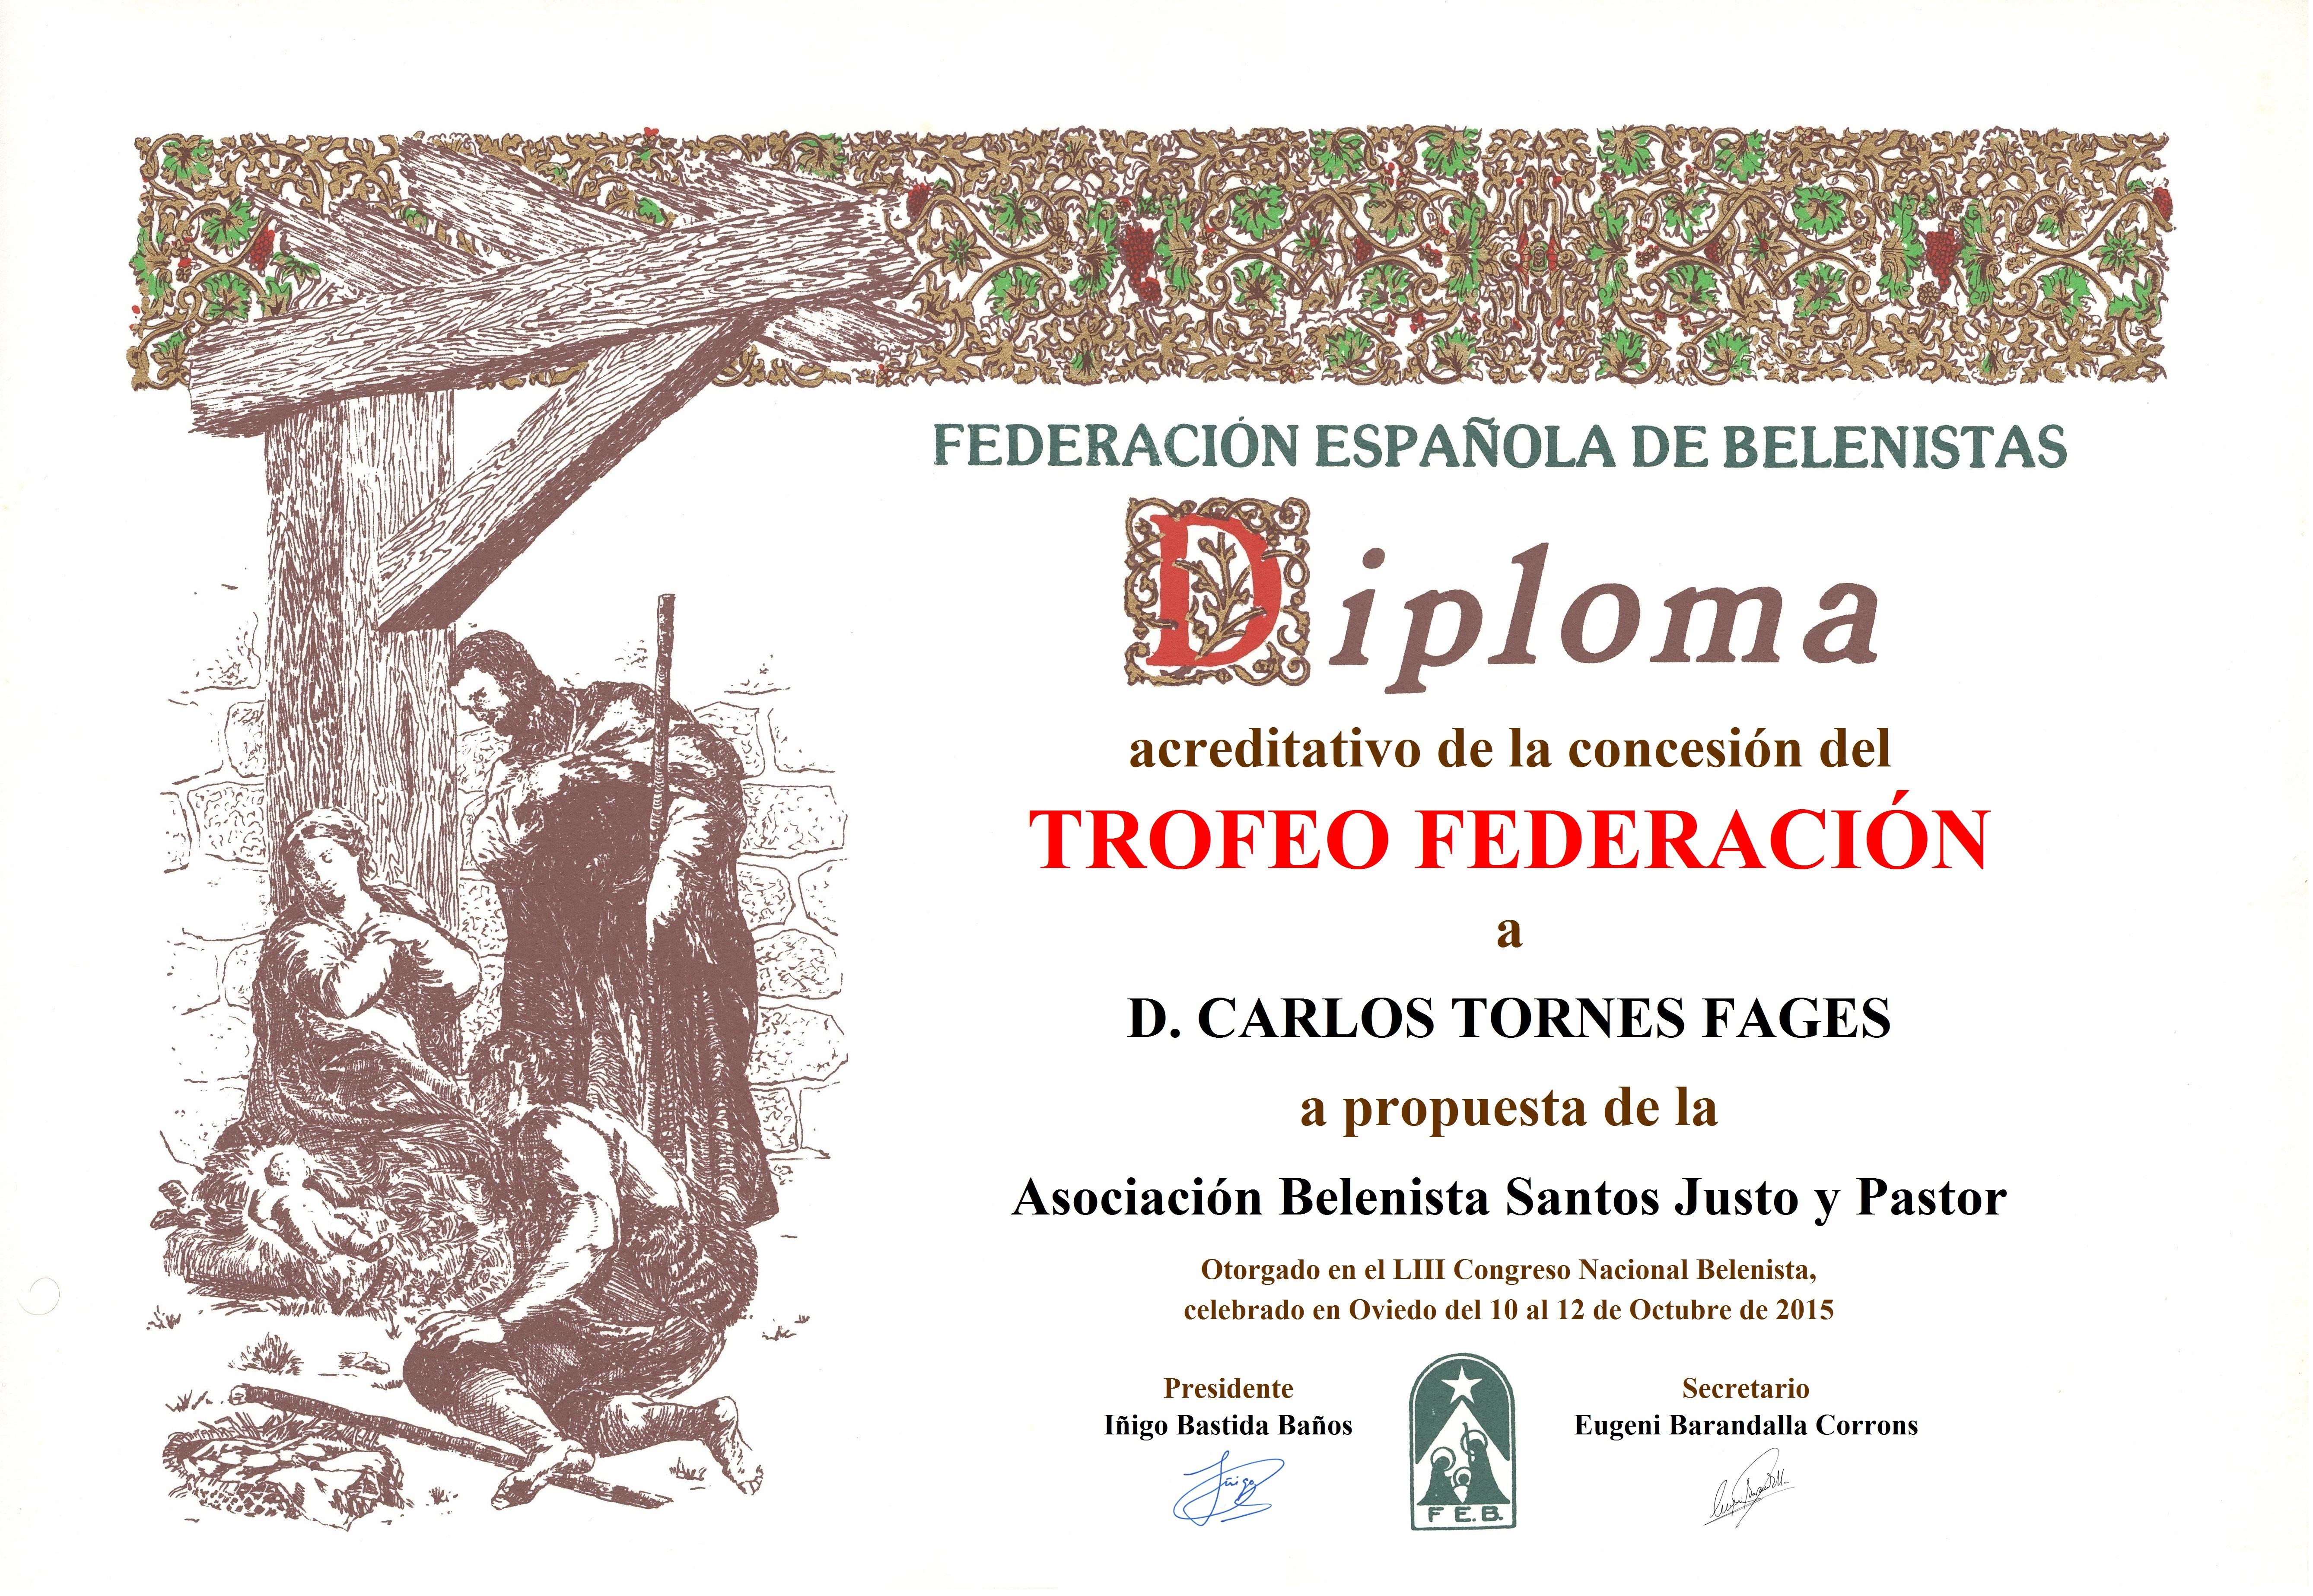 Diploma Trofeo FEB 2015 Carlos Torner Fages